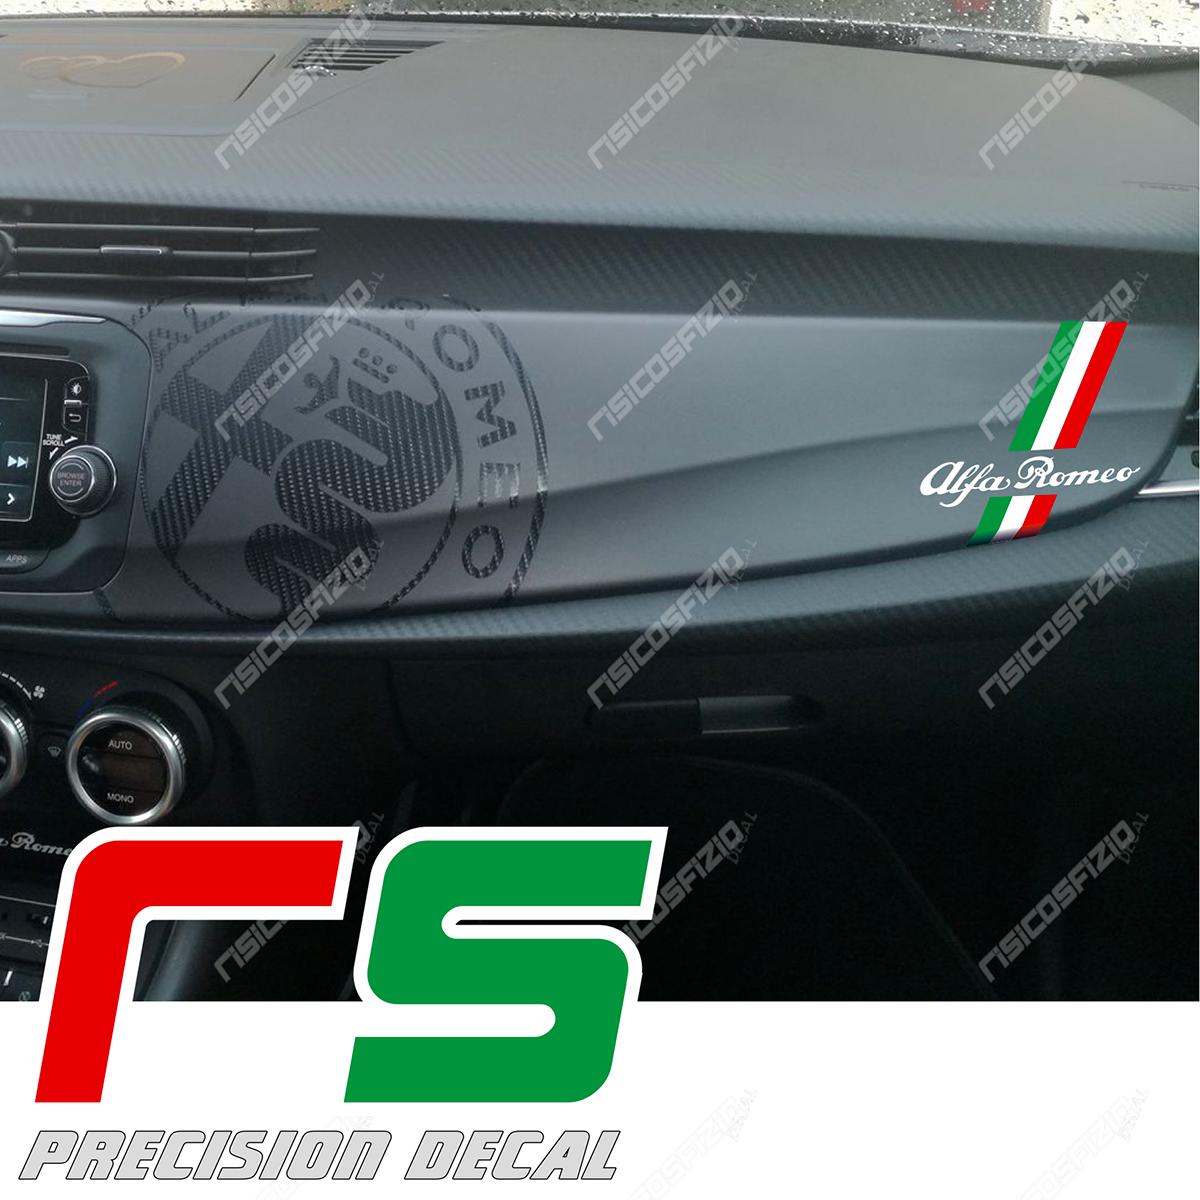 Adesivi Alfa Romeo Giulietta Cruscotto Bandiera Tricolore